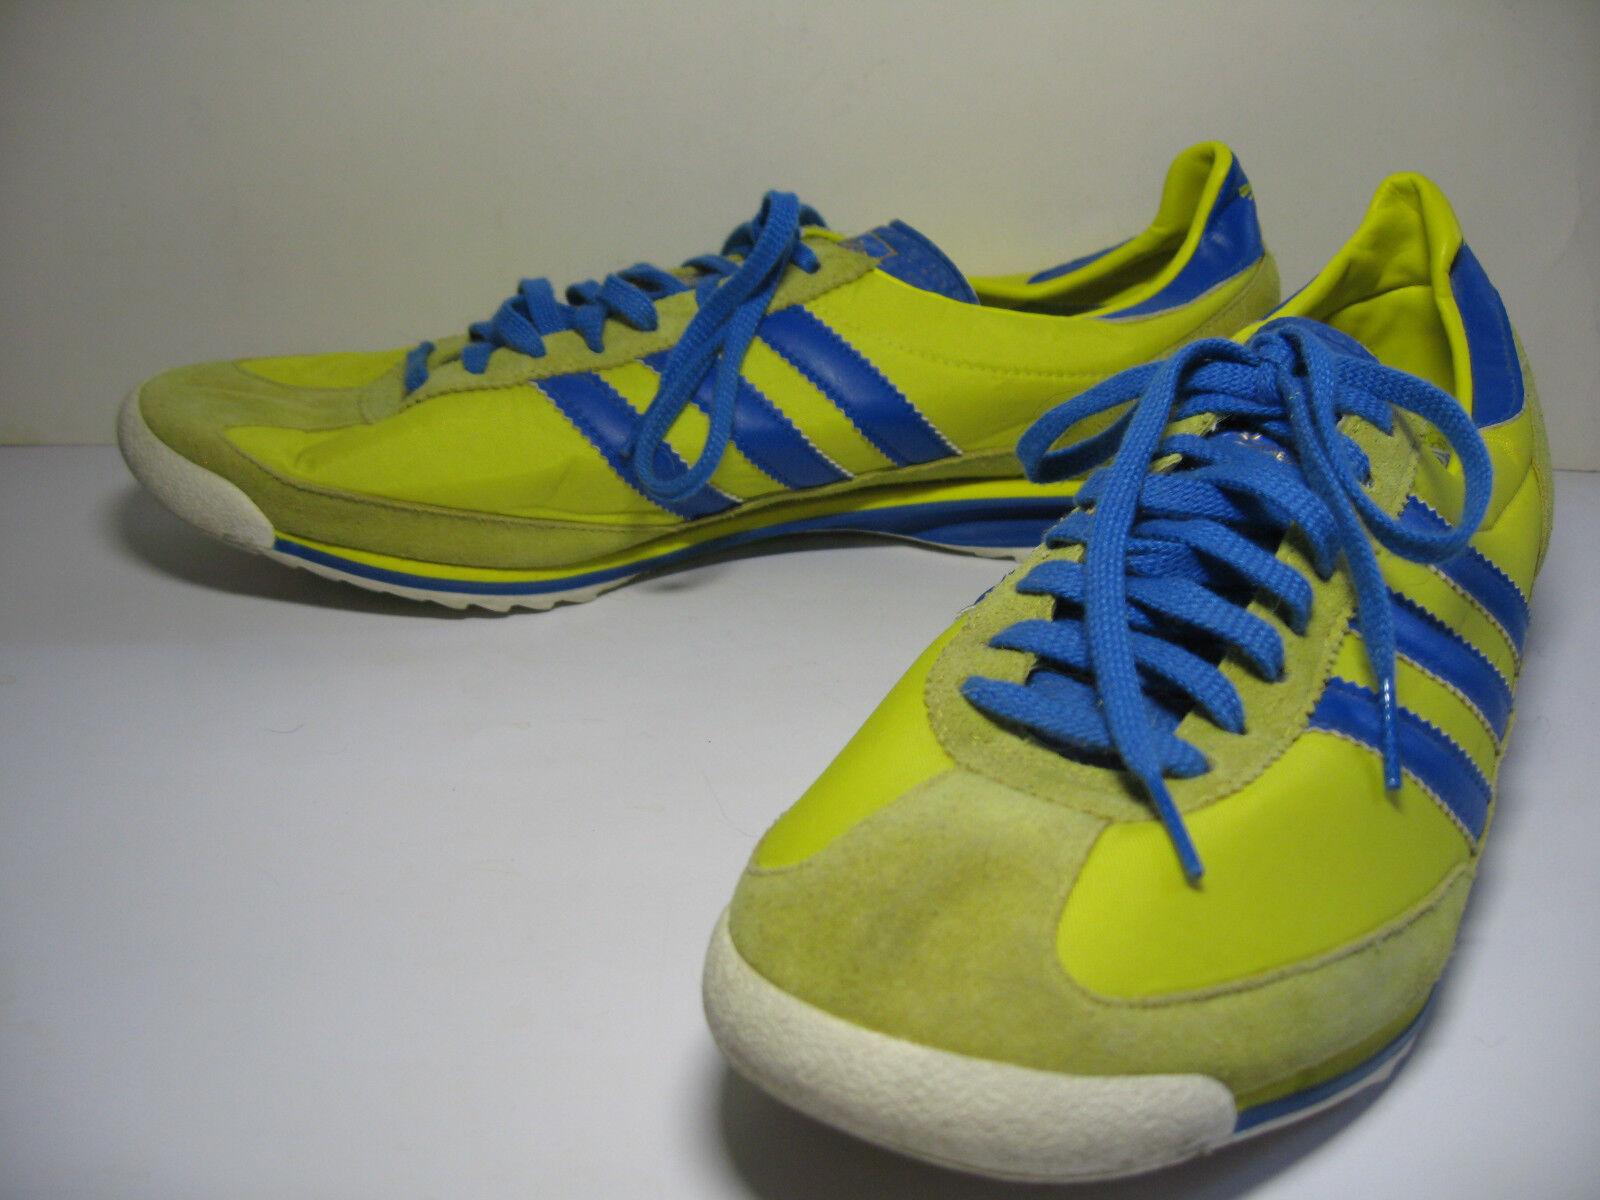 Adidas Originals Amarillo Sl 72 Retro Azul Amarillo Originals pista de entrenamiento Sl72 Zapatillas tamaño para hombre 13 c513bd